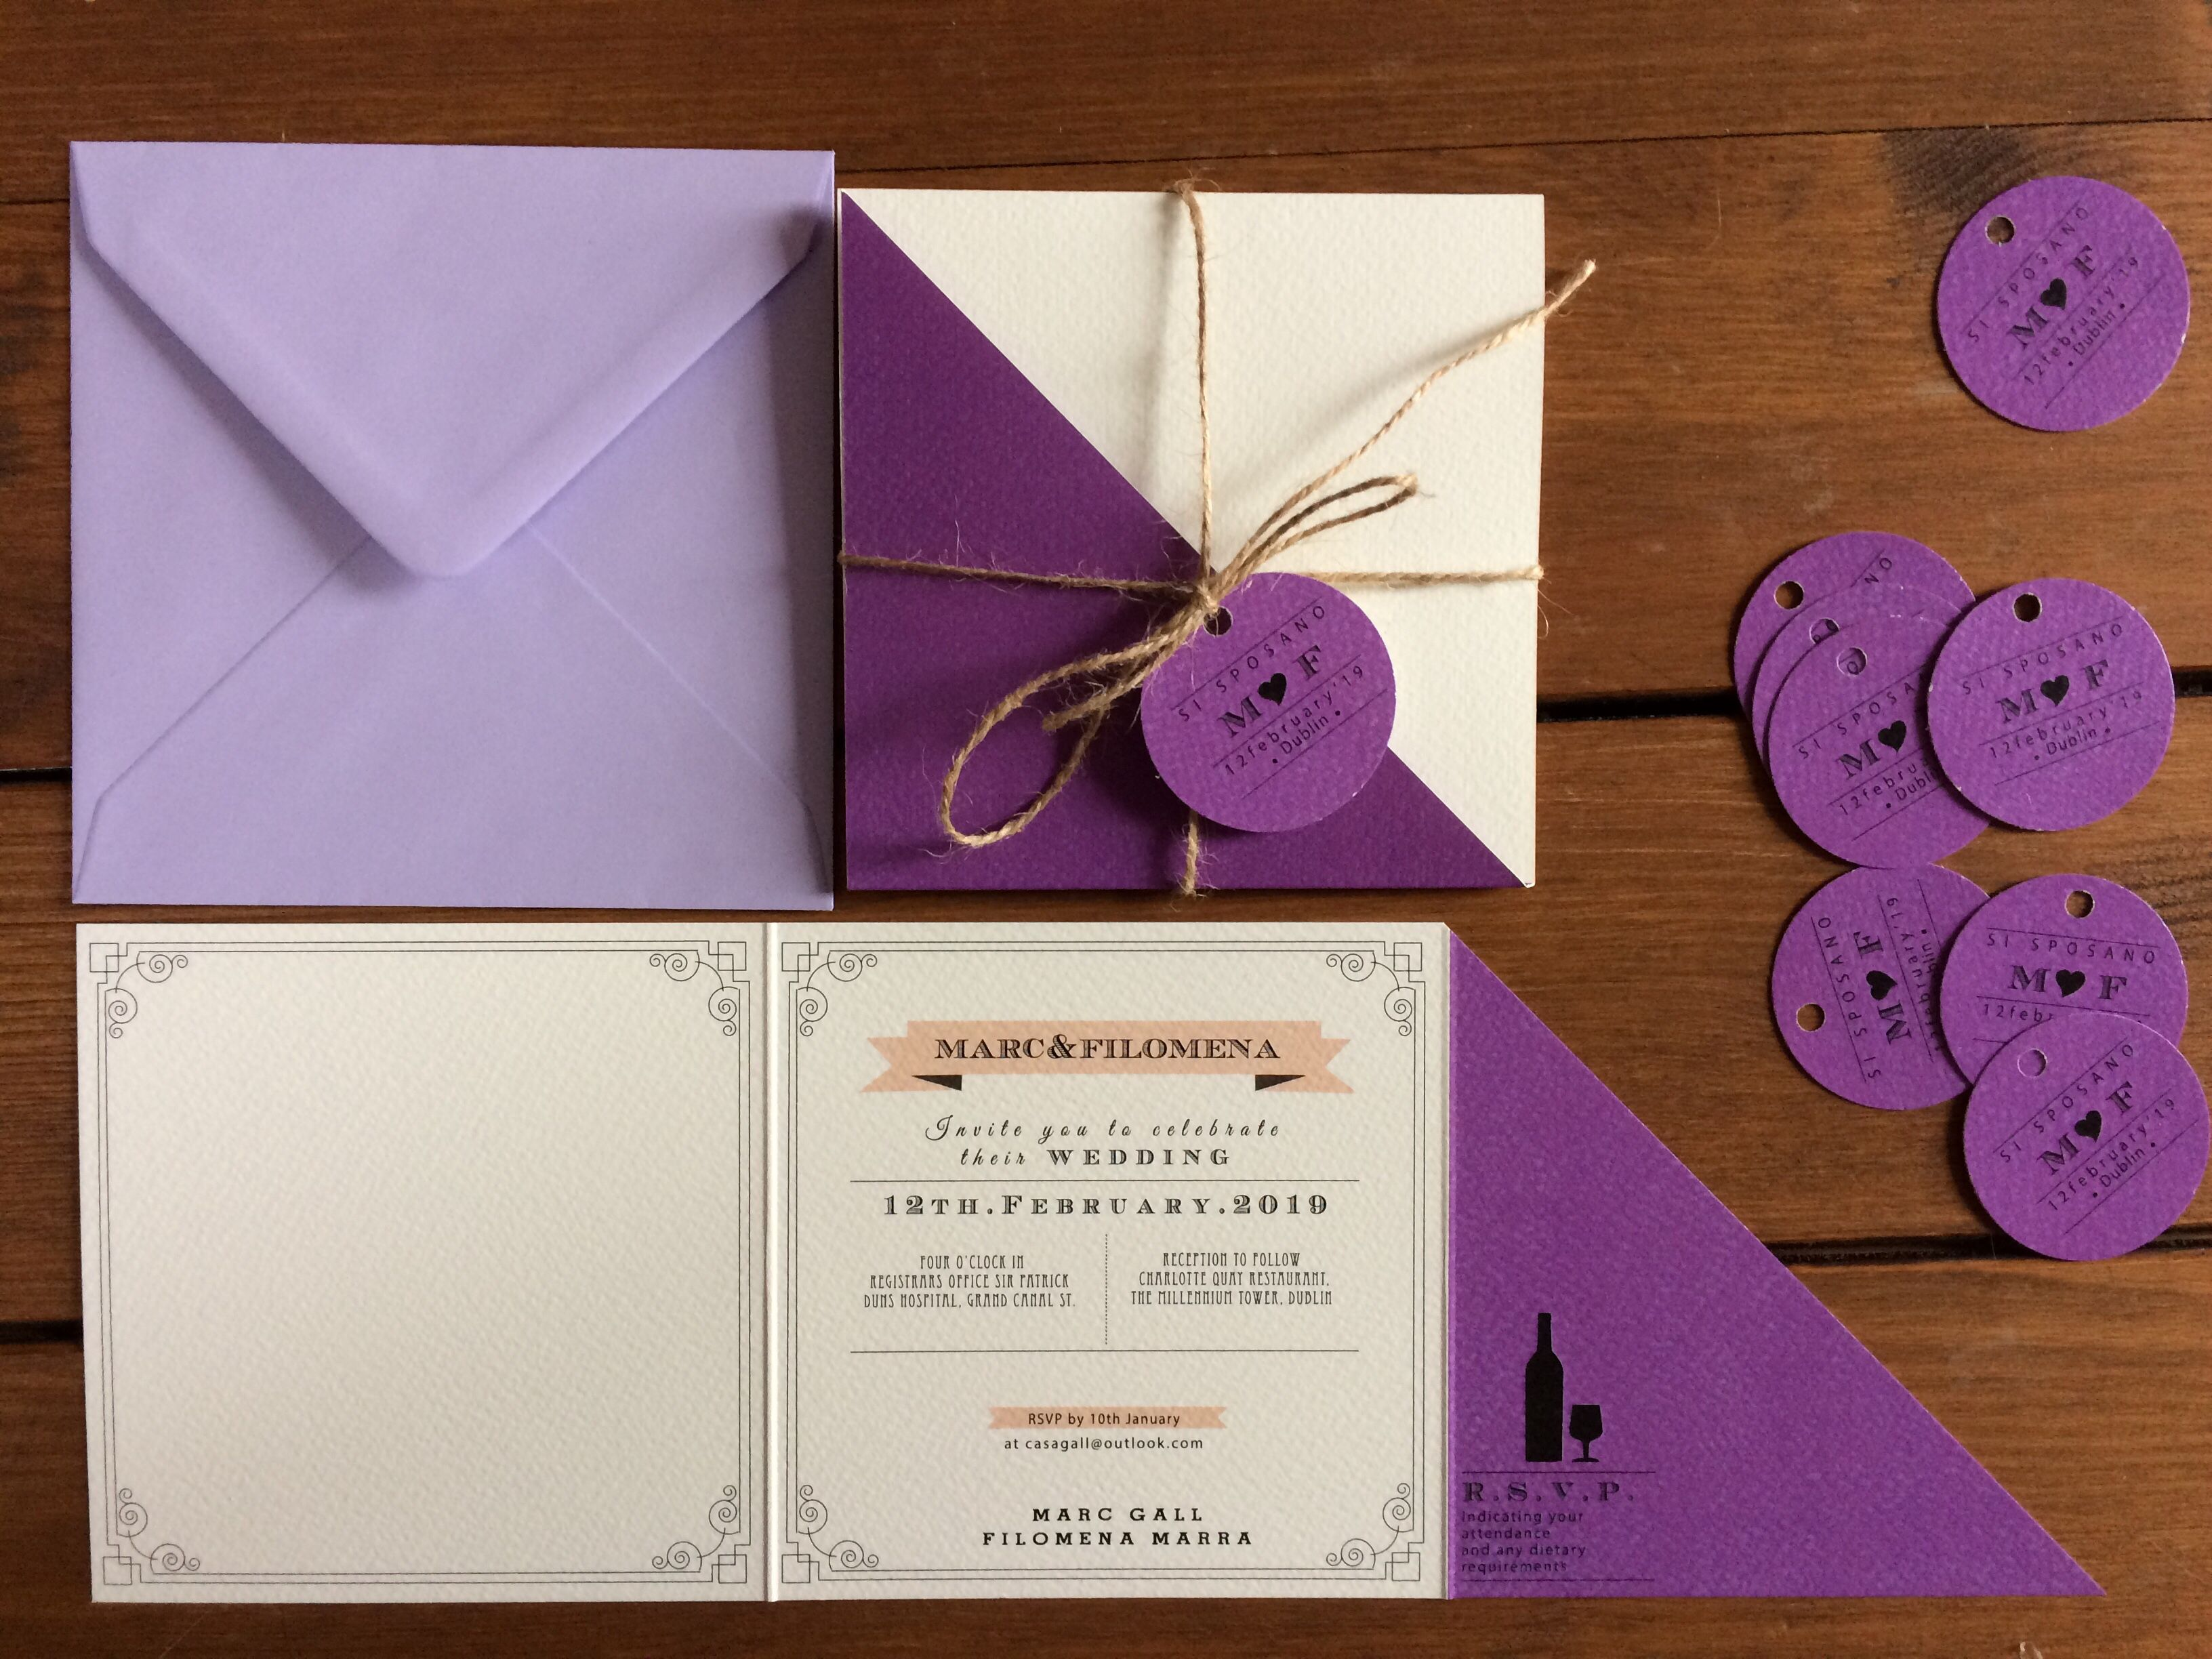 Partecipazioni Matrimonio Tre Ante Partecipazioni Per Matrimonio Partecipazioni Nozze Matrimonio